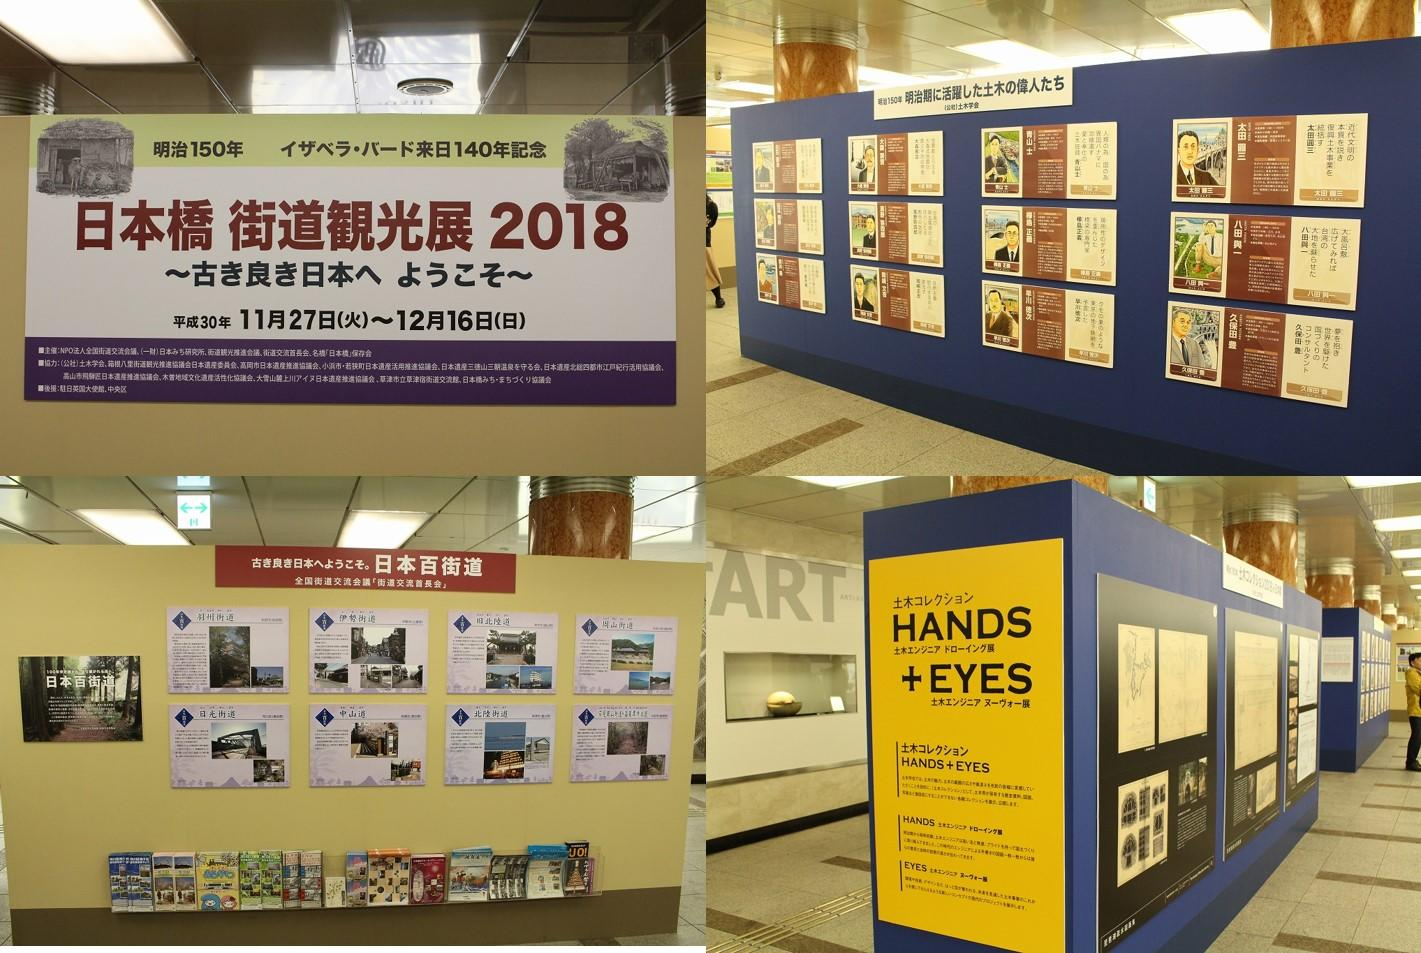 日本橋街道観光展2018.jpg